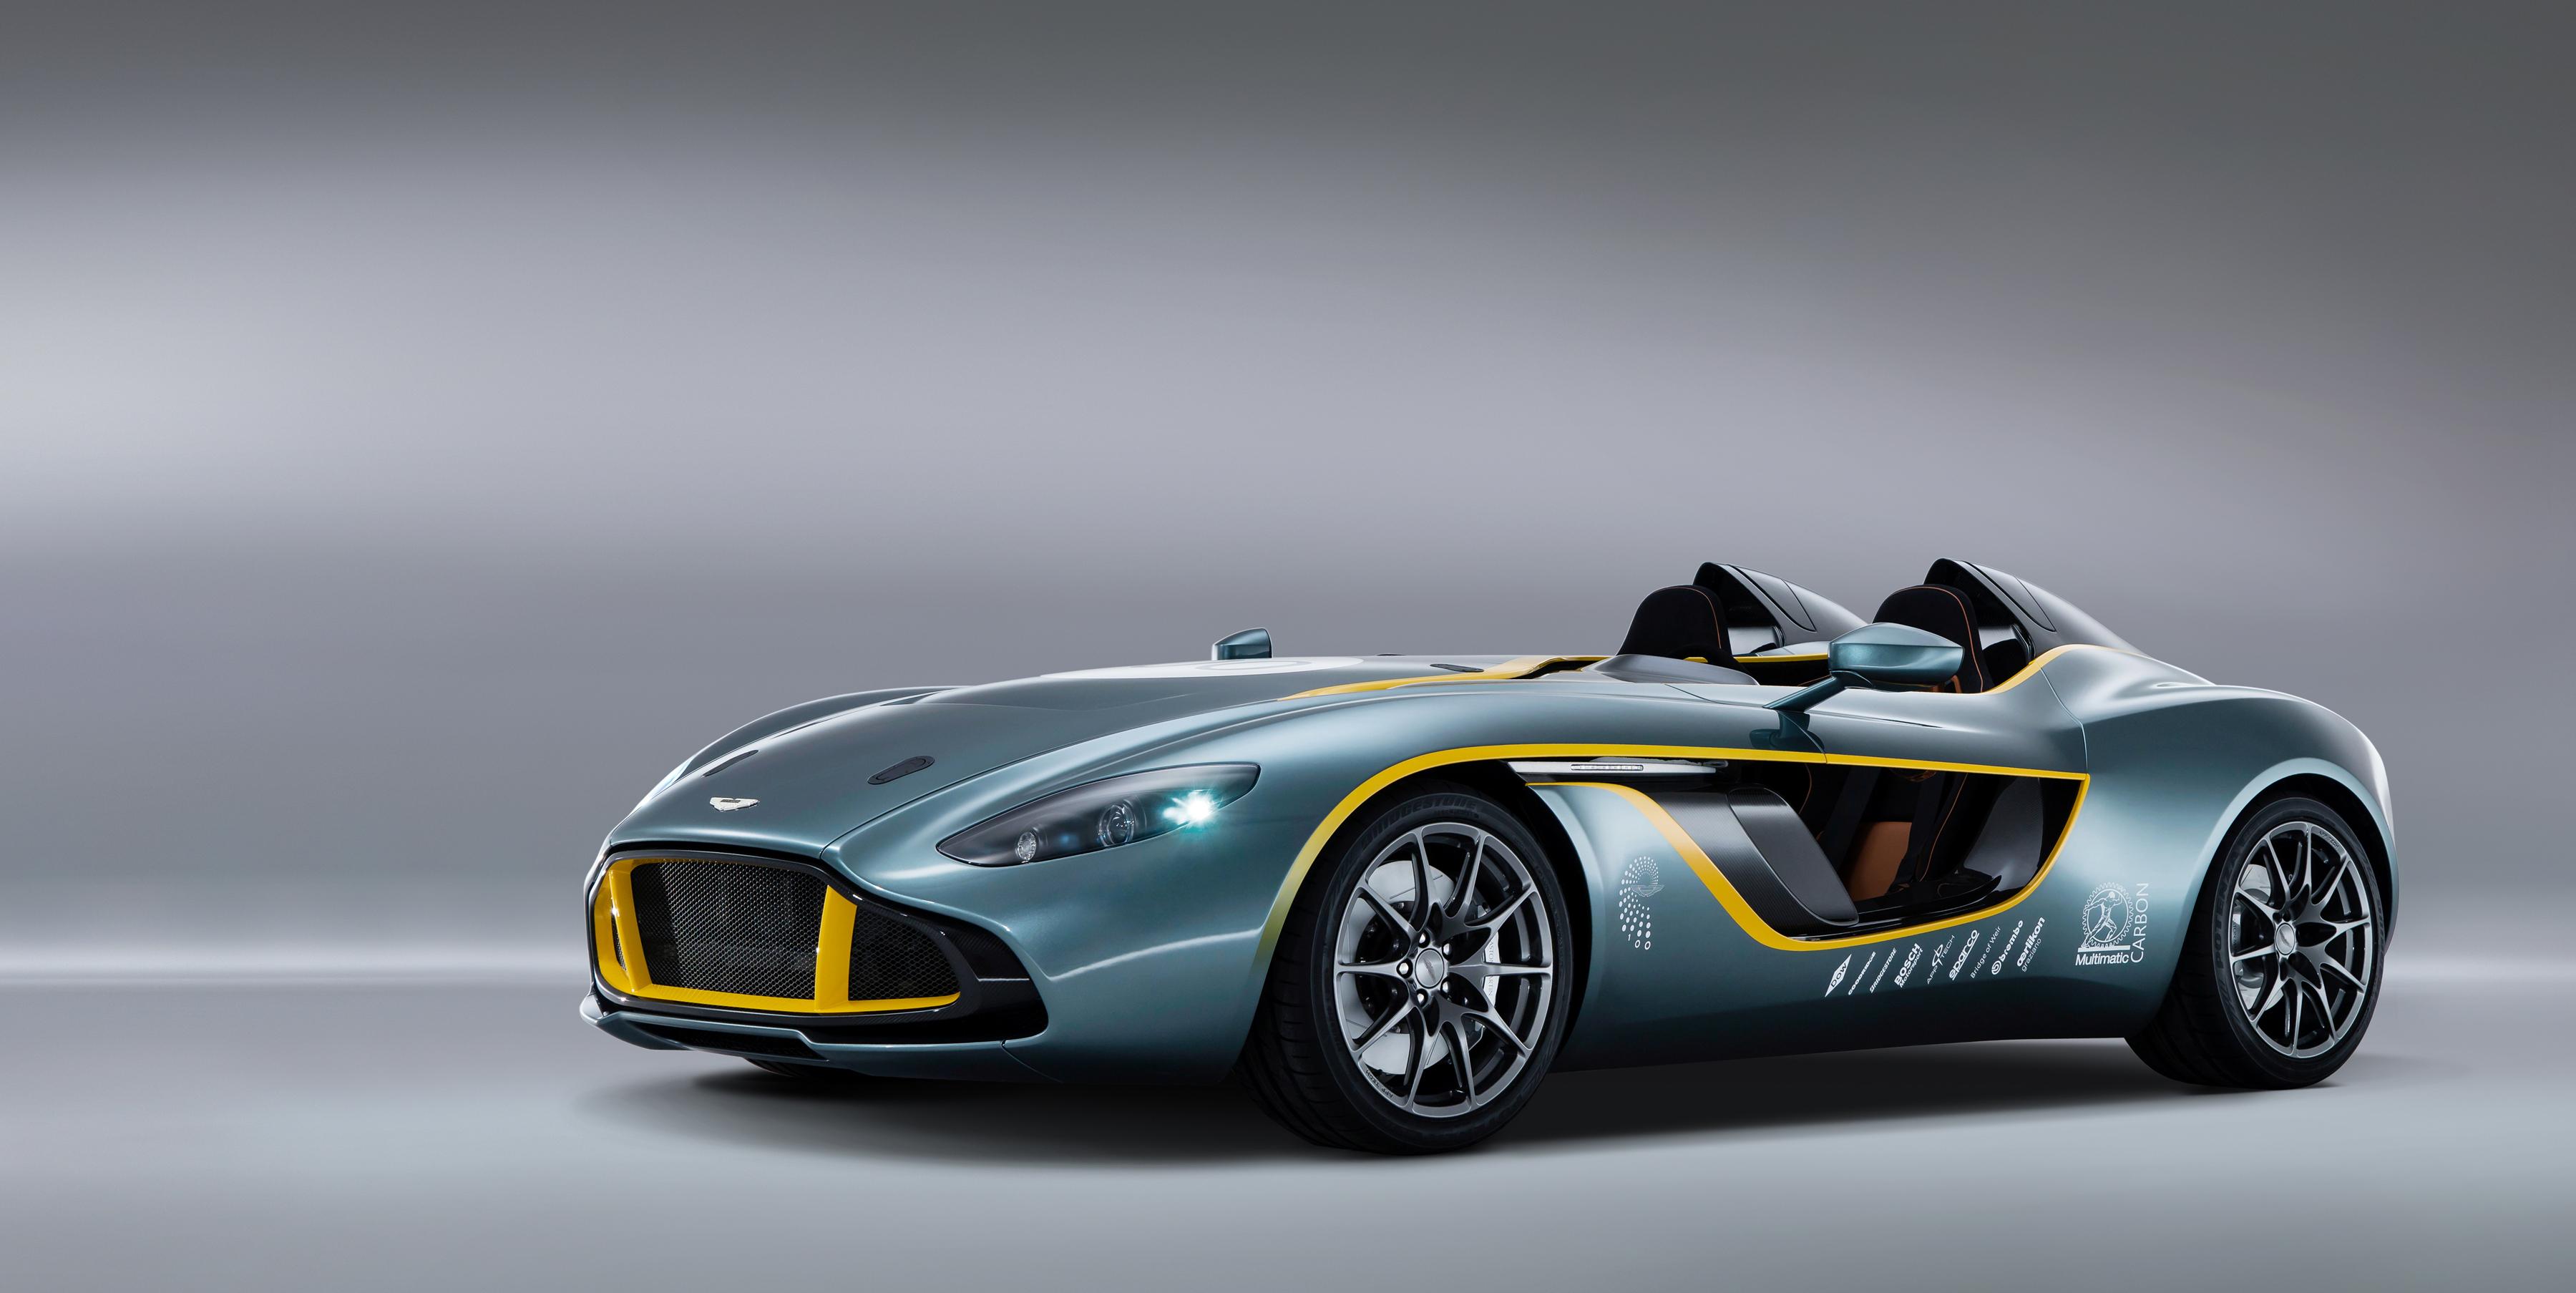 Обои Aston Martin в высоком разрешении Бибипедия - Aston martin bulldog